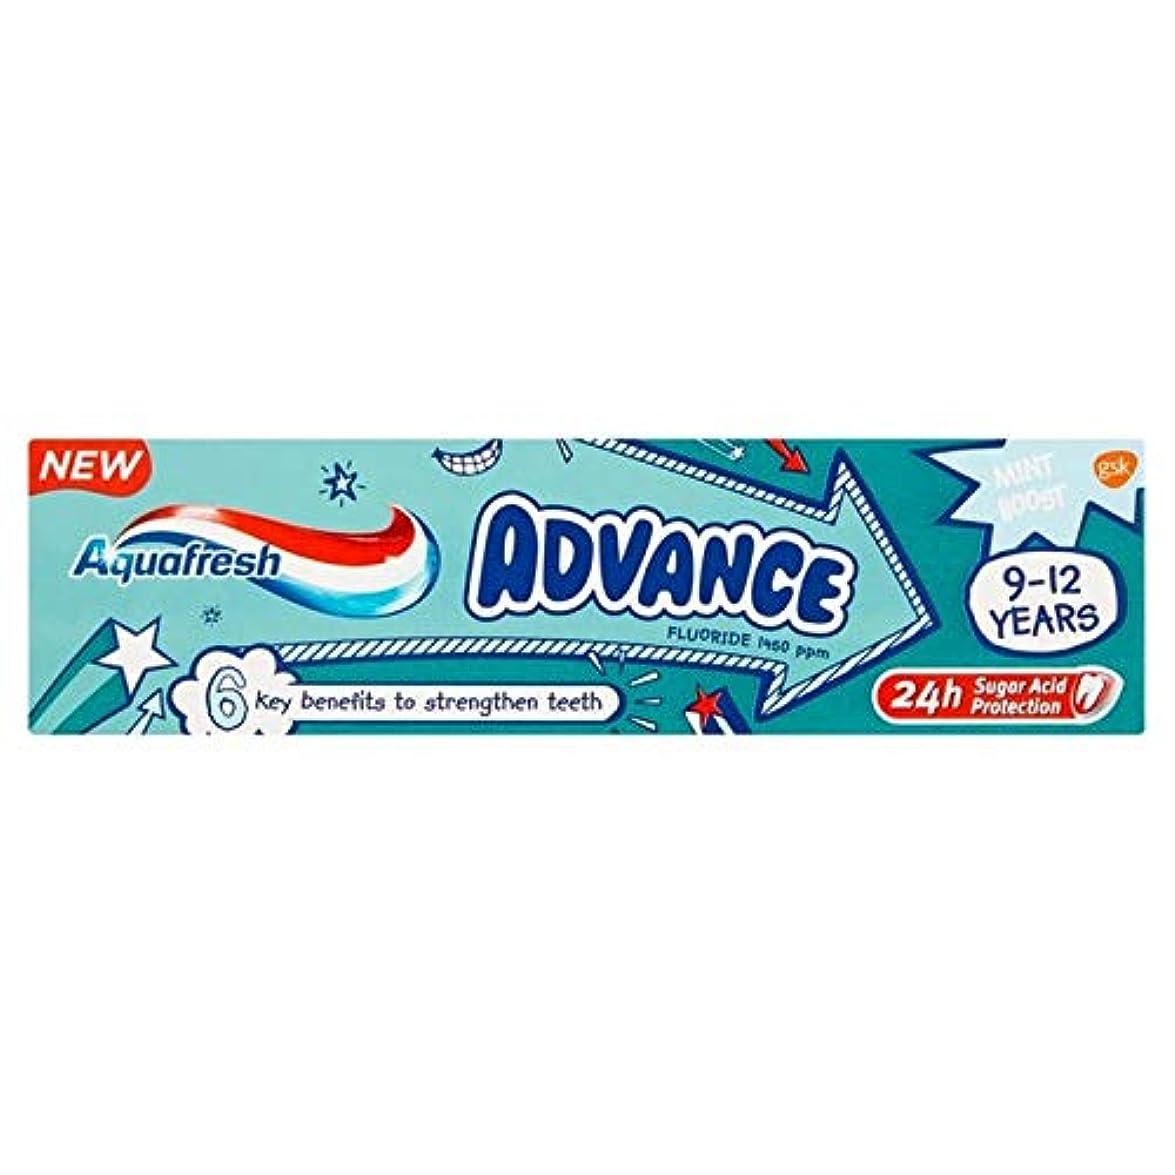 仕立て屋ゆるく徴収[Aquafresh ] アクアフレッシュの事前9-12年間の子供の歯磨き粉75ミリリットル - Aquafresh Advance 9-12 Years Kids Toothpaste 75ml [並行輸入品]